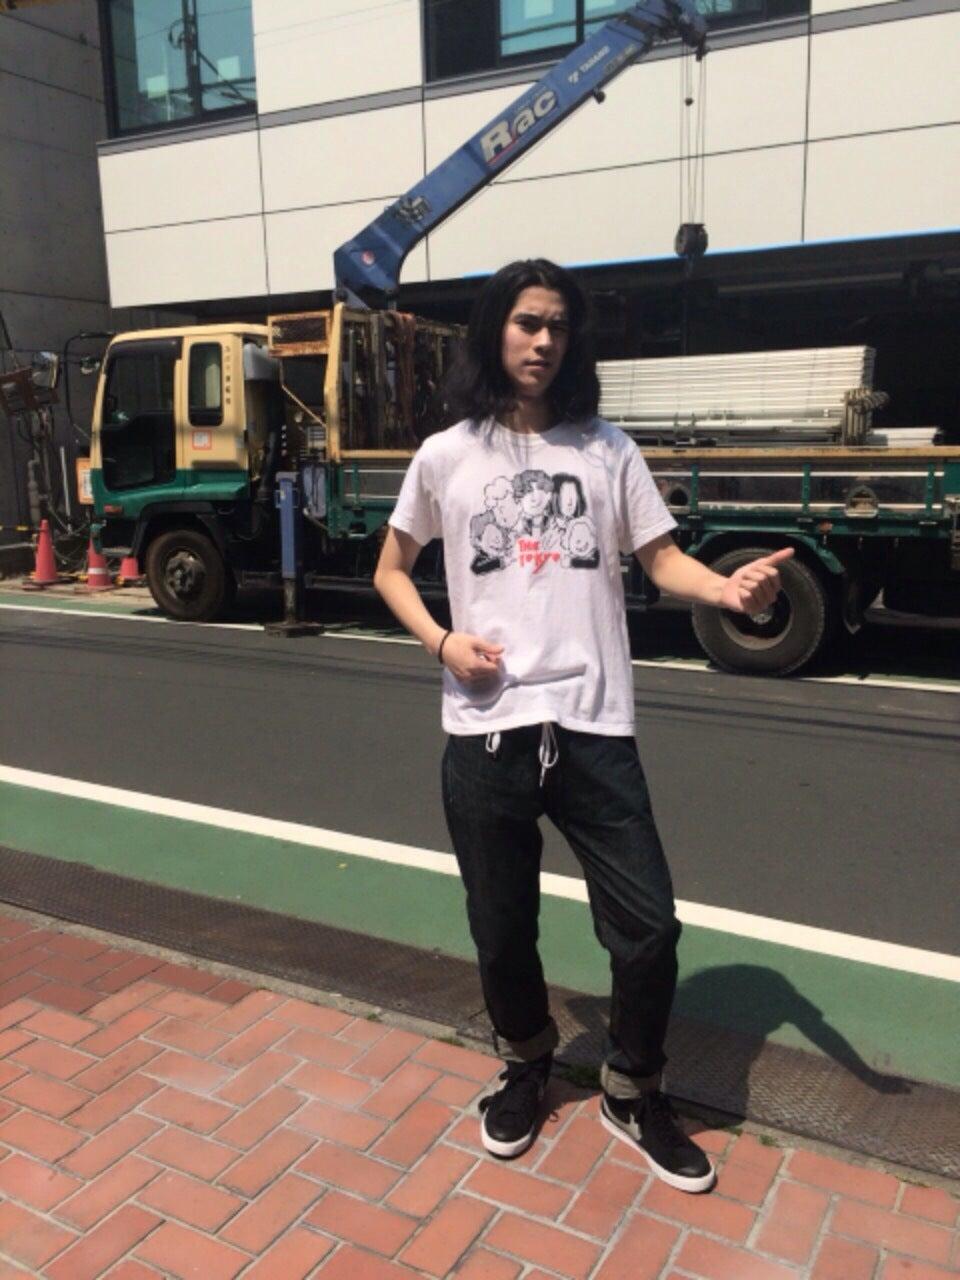 ついに、Tシャツ1枚の季節になりました。このバンドTシャツは、兒玉太智さんが所属する「ザトーキョー」のライブ会場で買いました。同じ仲間が頑張っている姿を見るとウズウズします。僕もよくバンドマンっぽいね(顔が)と言われるんですが、もっぱらカラオケ専門です(笑)